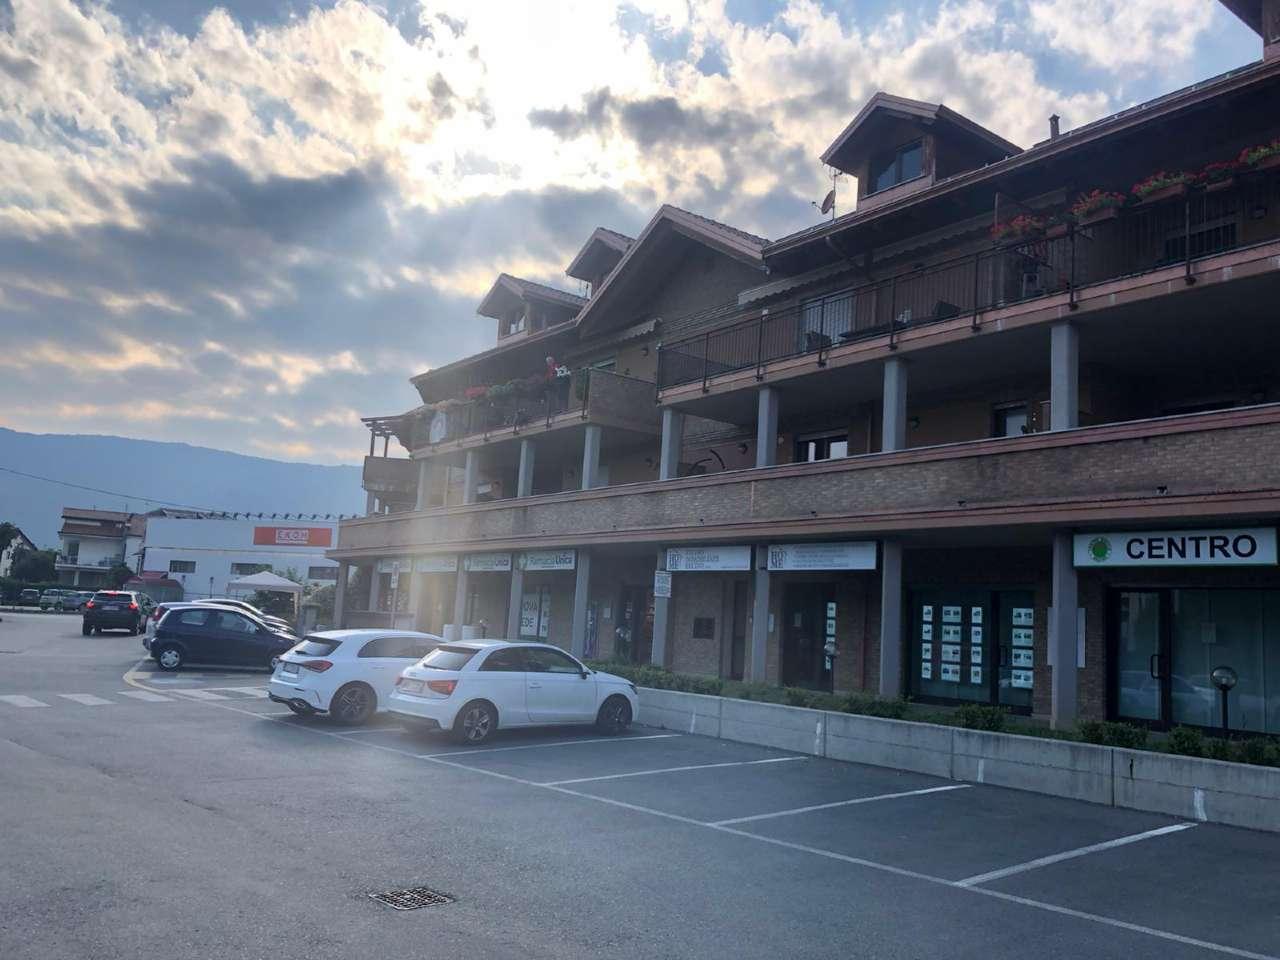 Negozio / Locale in affitto a Bruino, 3 locali, prezzo € 790   PortaleAgenzieImmobiliari.it